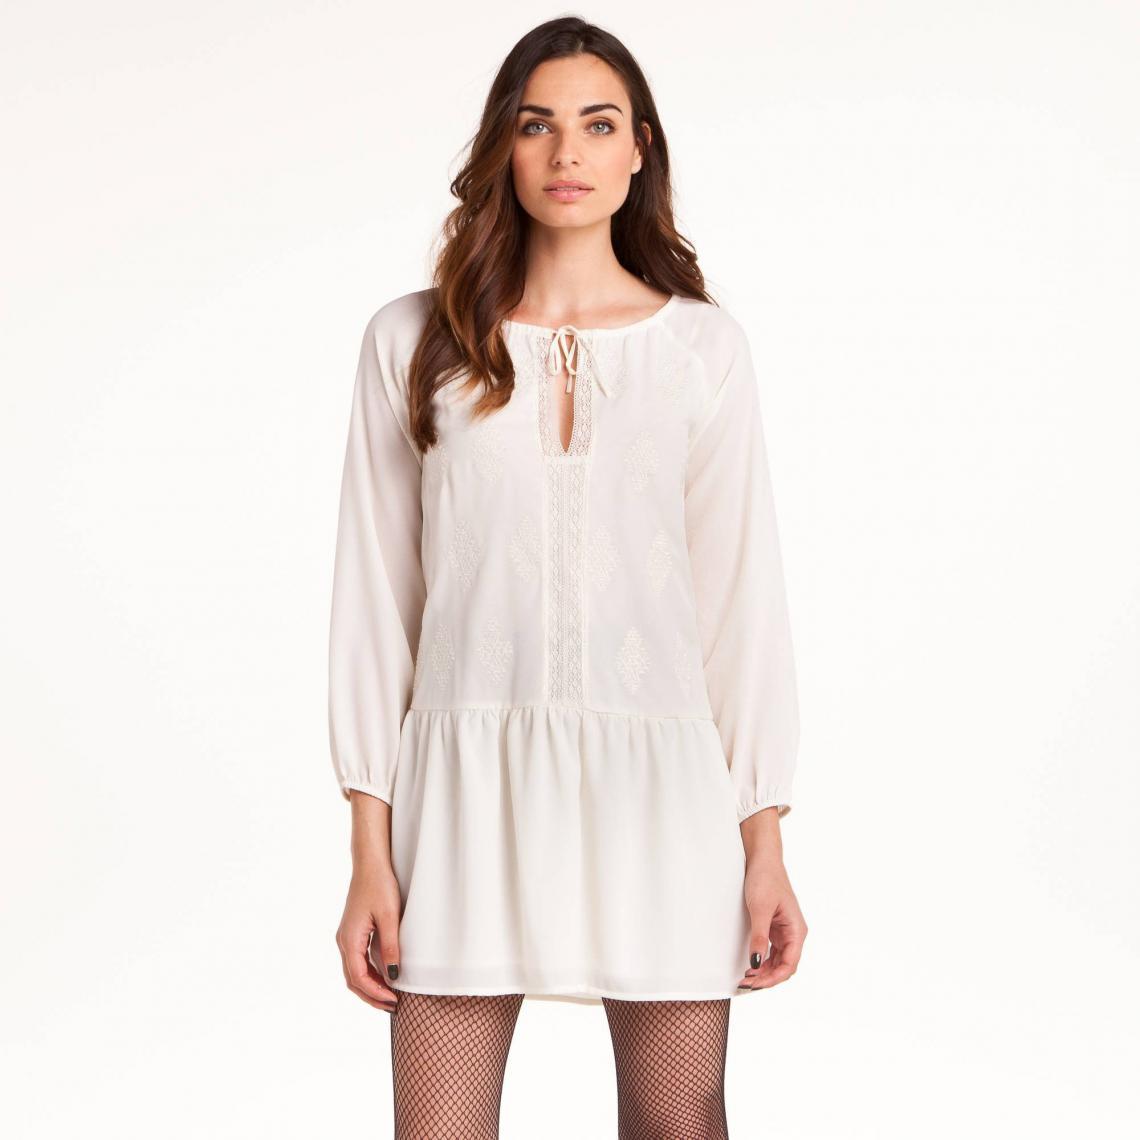 Robe Multicolore Femme Courte Brodée Collection 3 Suisses Folk srBQdothCx